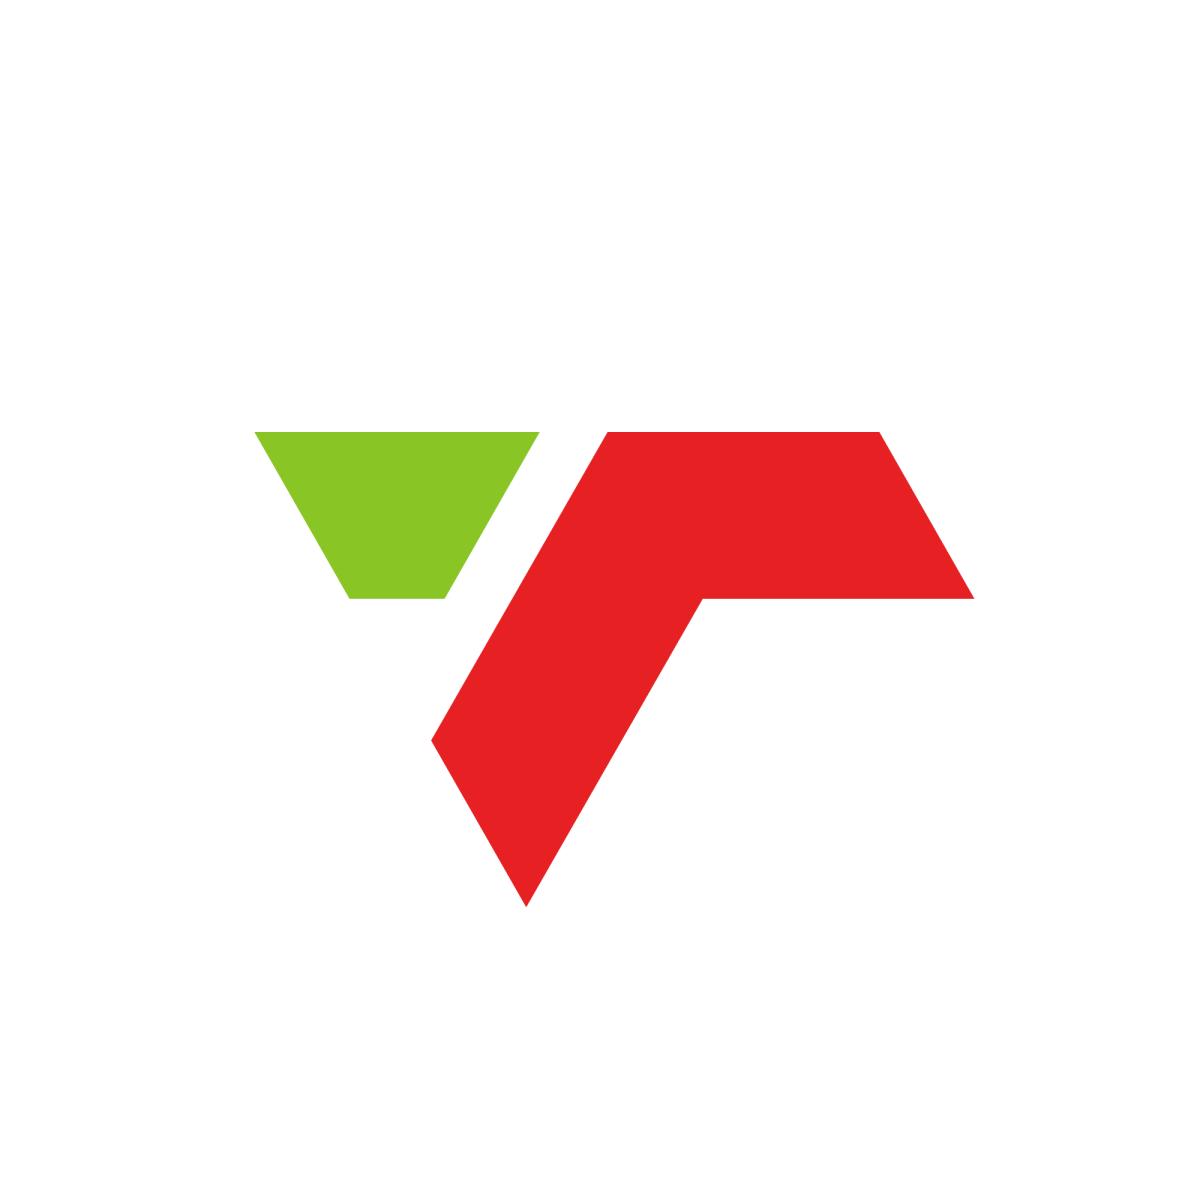 Transnet Logo South Africa In 2020 Letter T Single Letter Logo Letter Logo